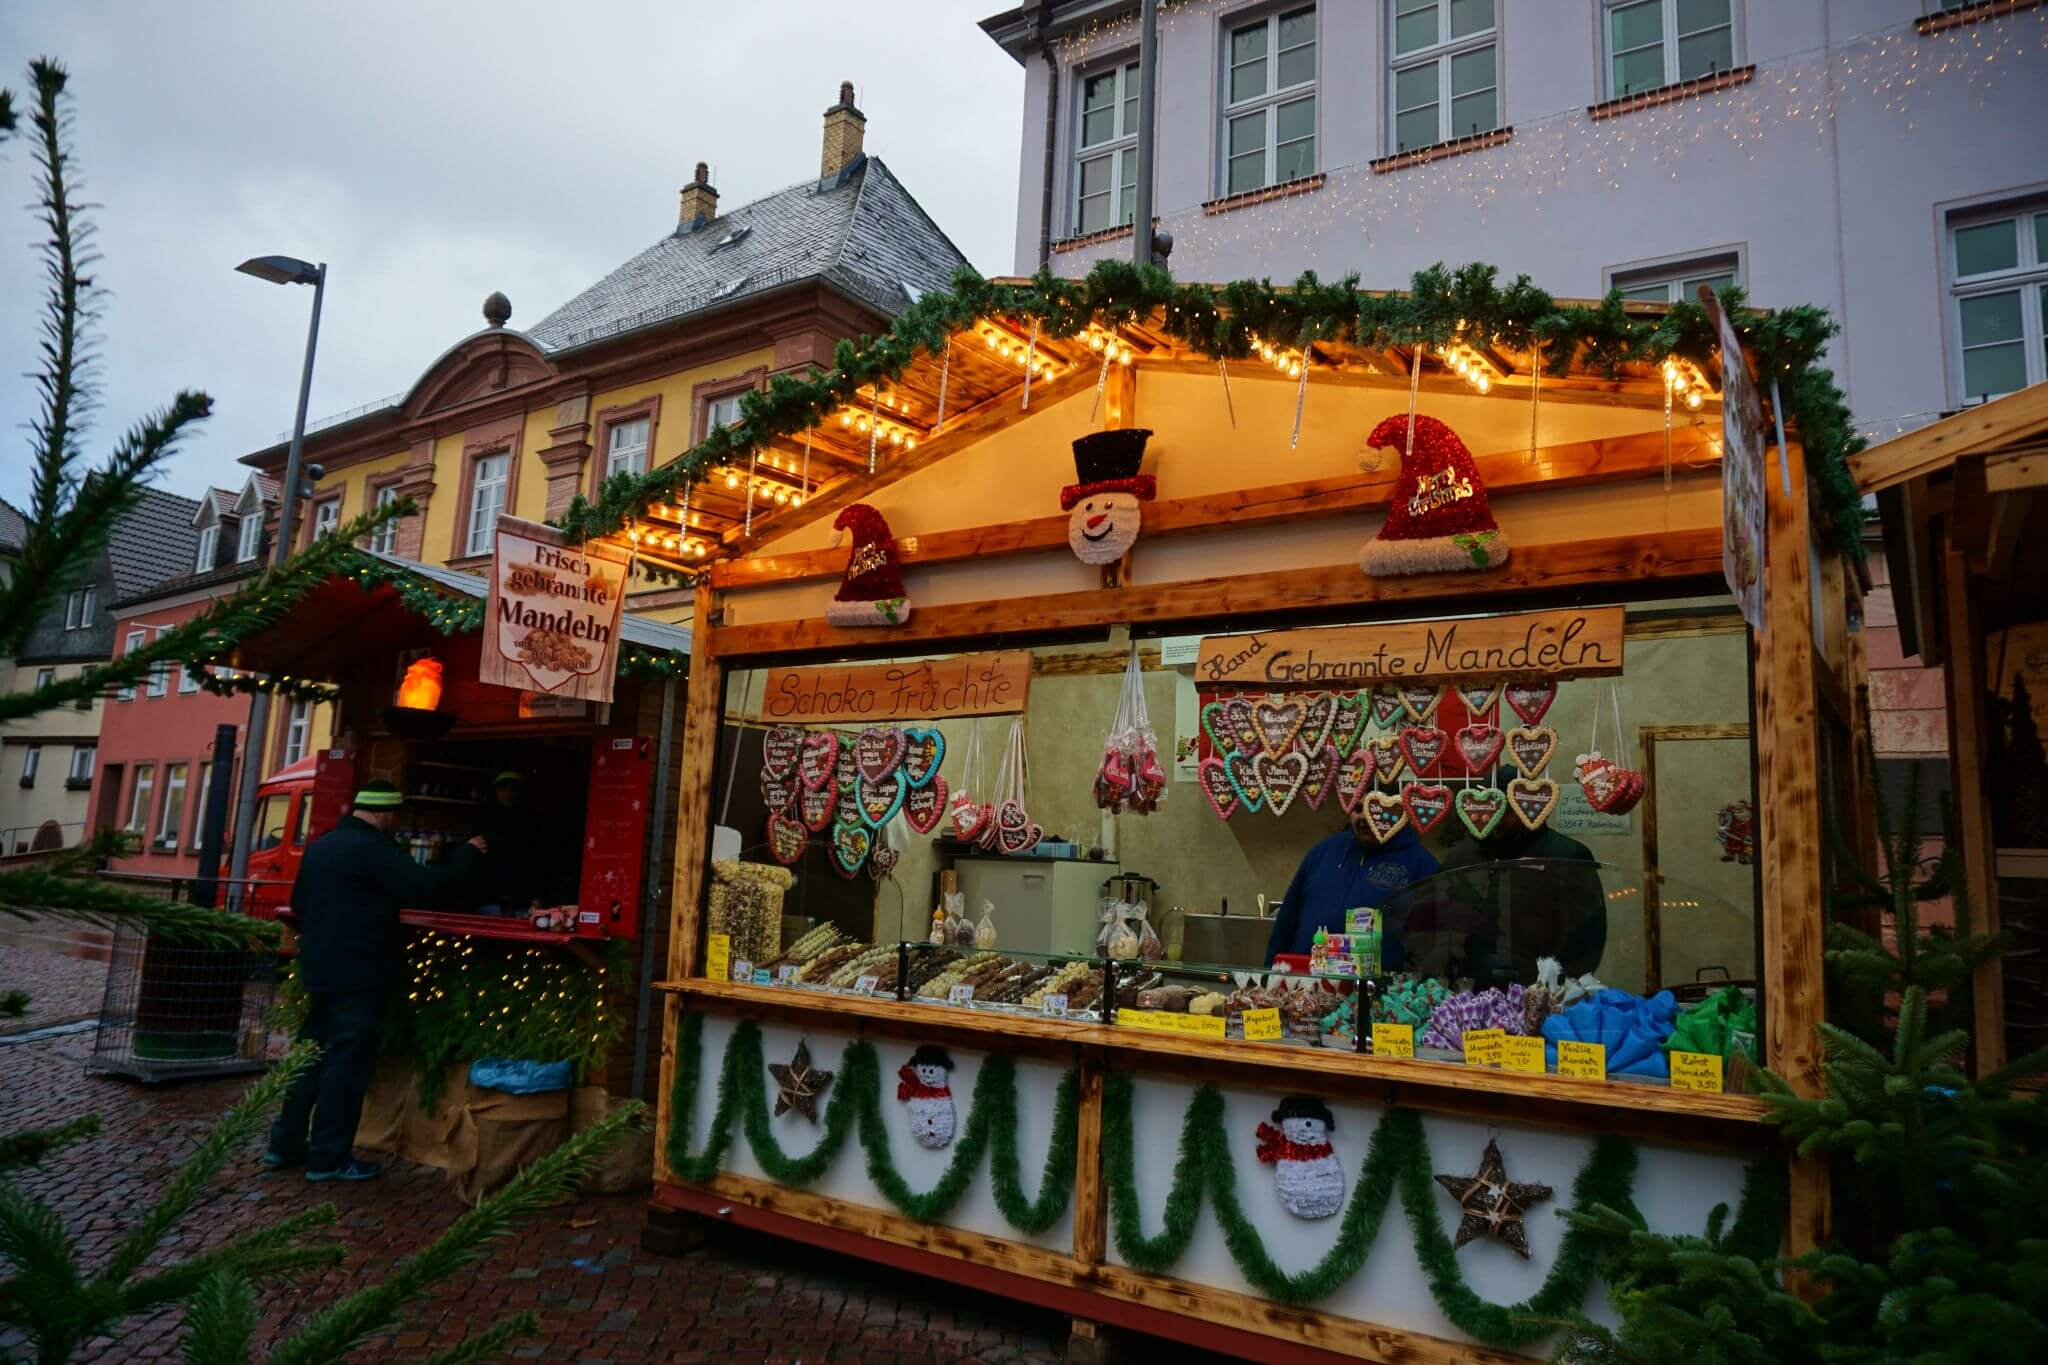 Mercado de Navidad en la Engelplatz